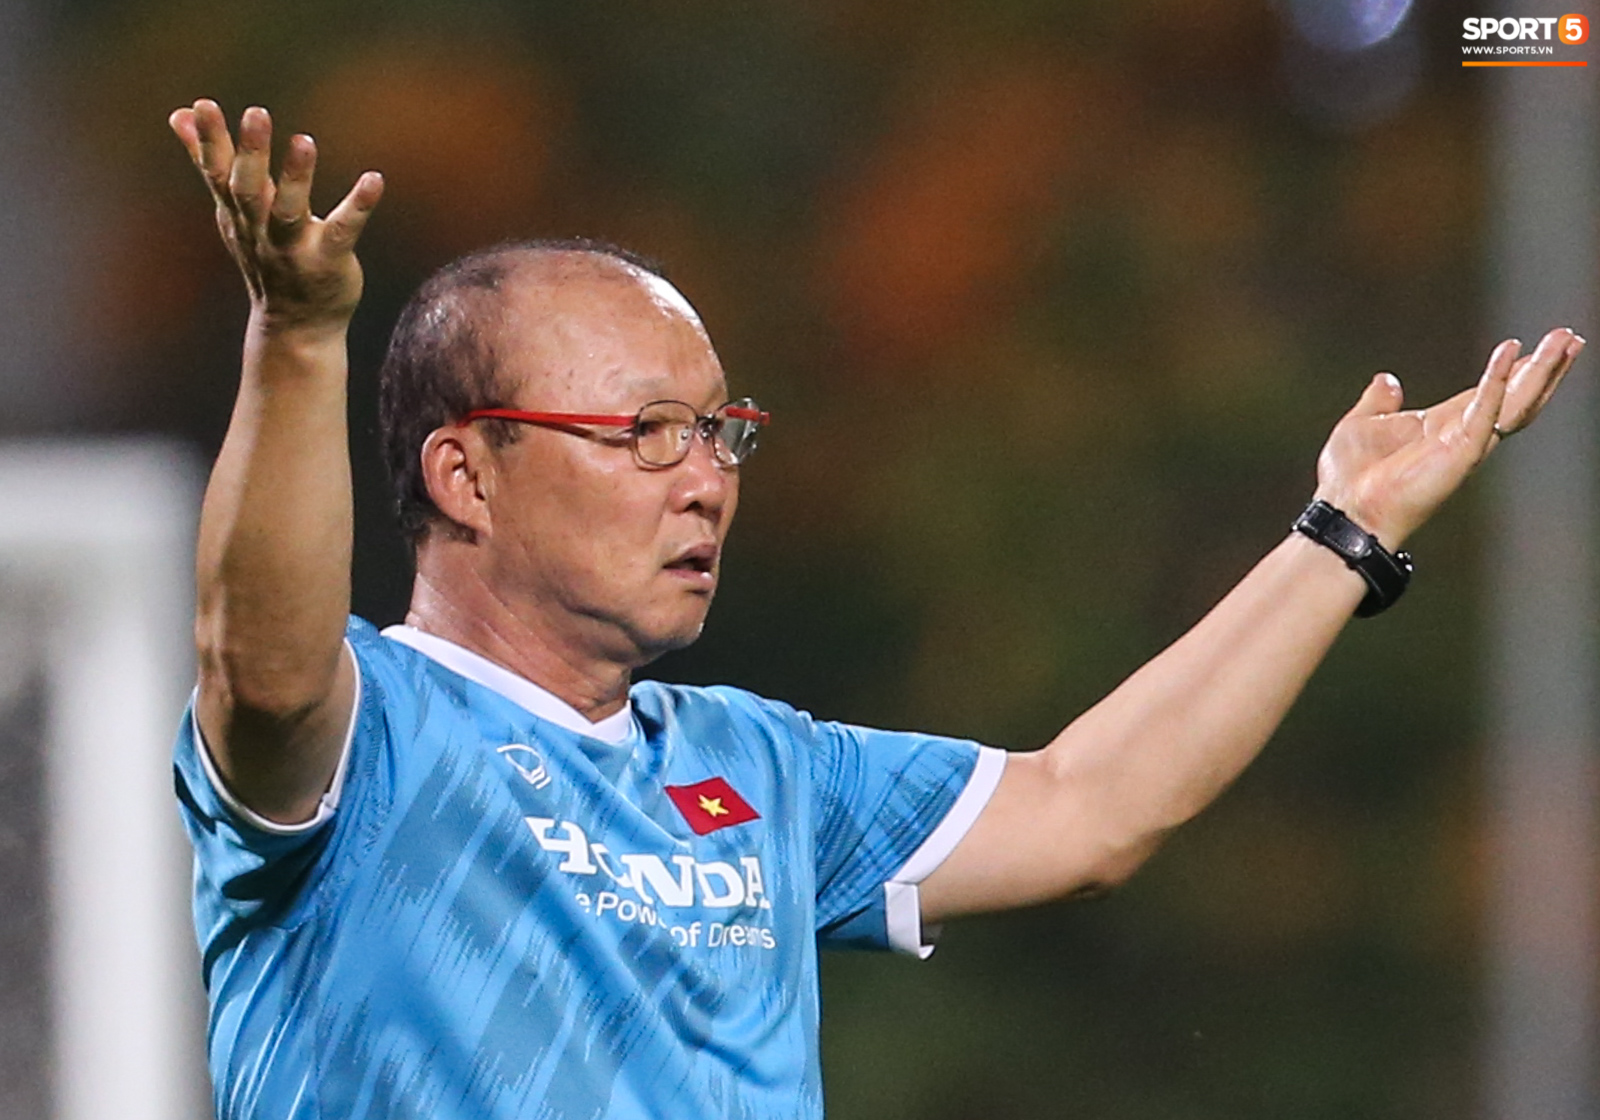 Thủ môn Văn Hoàng xử lý lỗi, HLV Park Hang-seo phản ứng mạnh - Ảnh 8.